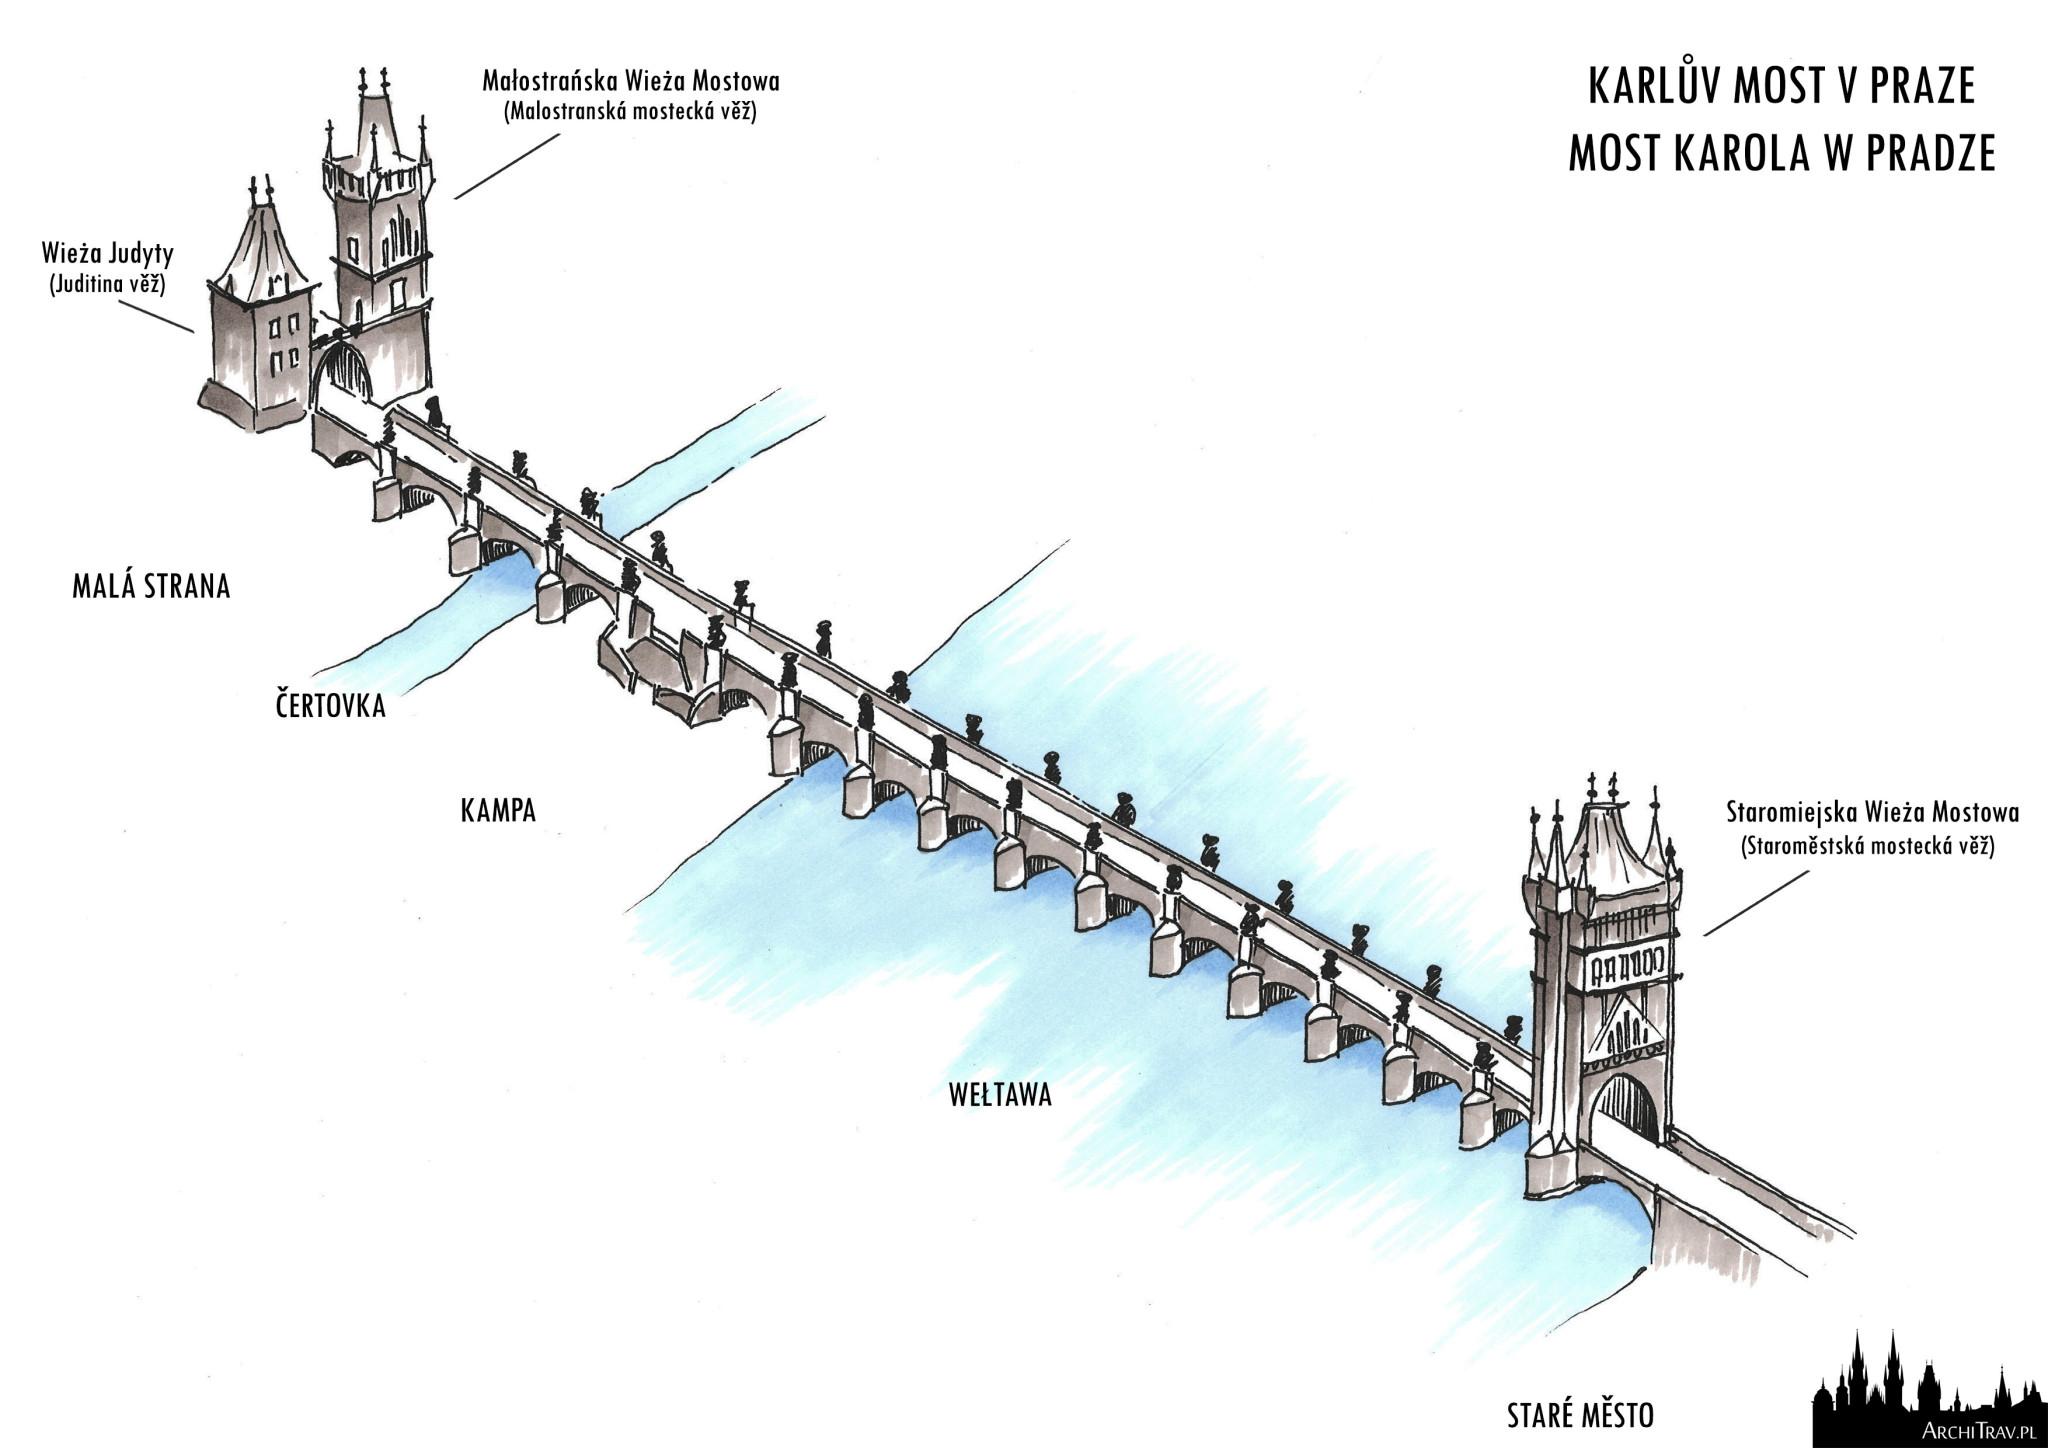 rysunek odręczny widoku z góry Mostu Karola z opisany elementami mostu